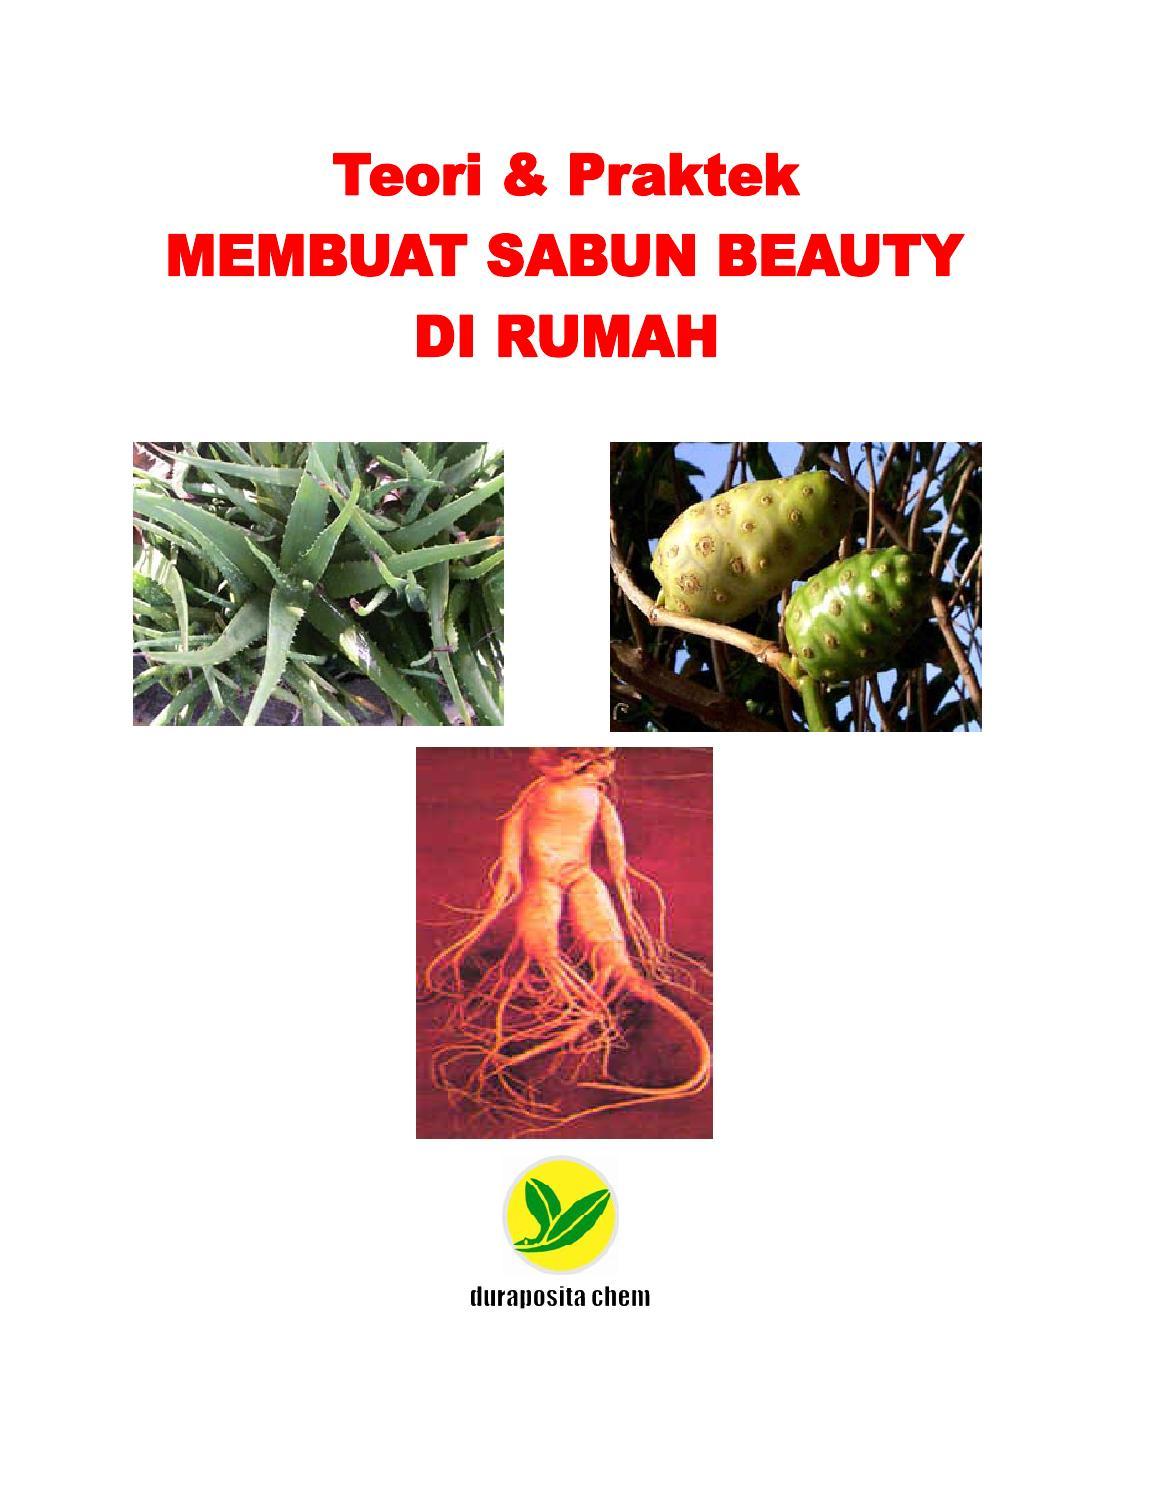 Sabun Kecantikan Dan Beauty Care By Agus Tri Widodo Issuu Alat Cuci Hidung Untuk Penderita Sinus Peradangan Sudah Termasuk Garam Pharmasalt